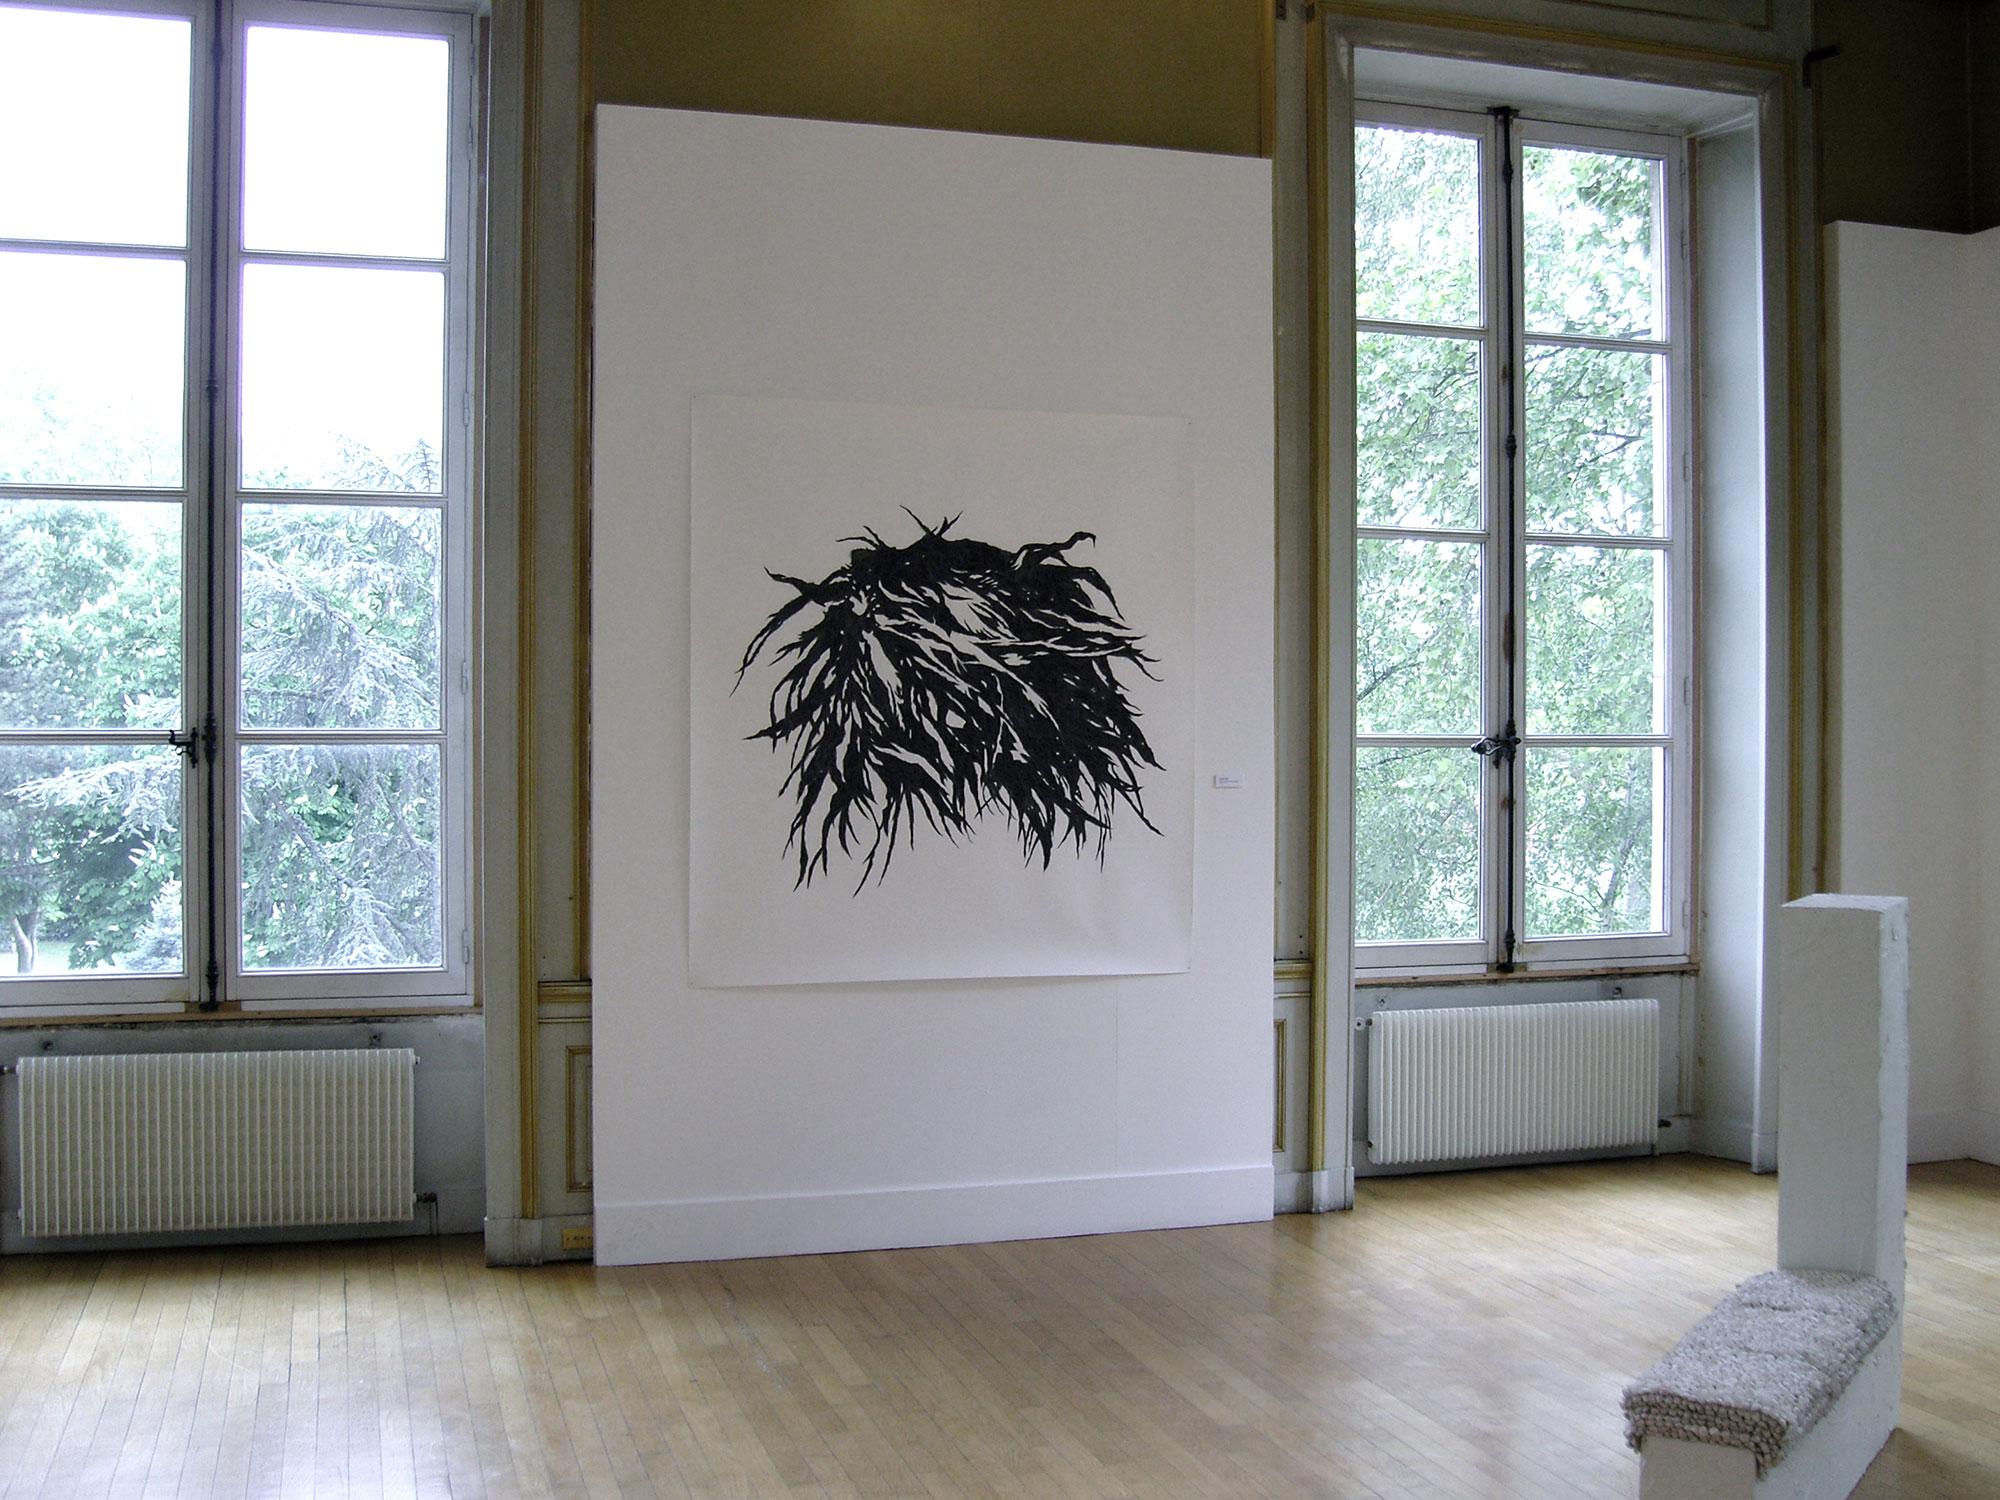 salon jeune création contemporaine, Château de St Ouen, 2010